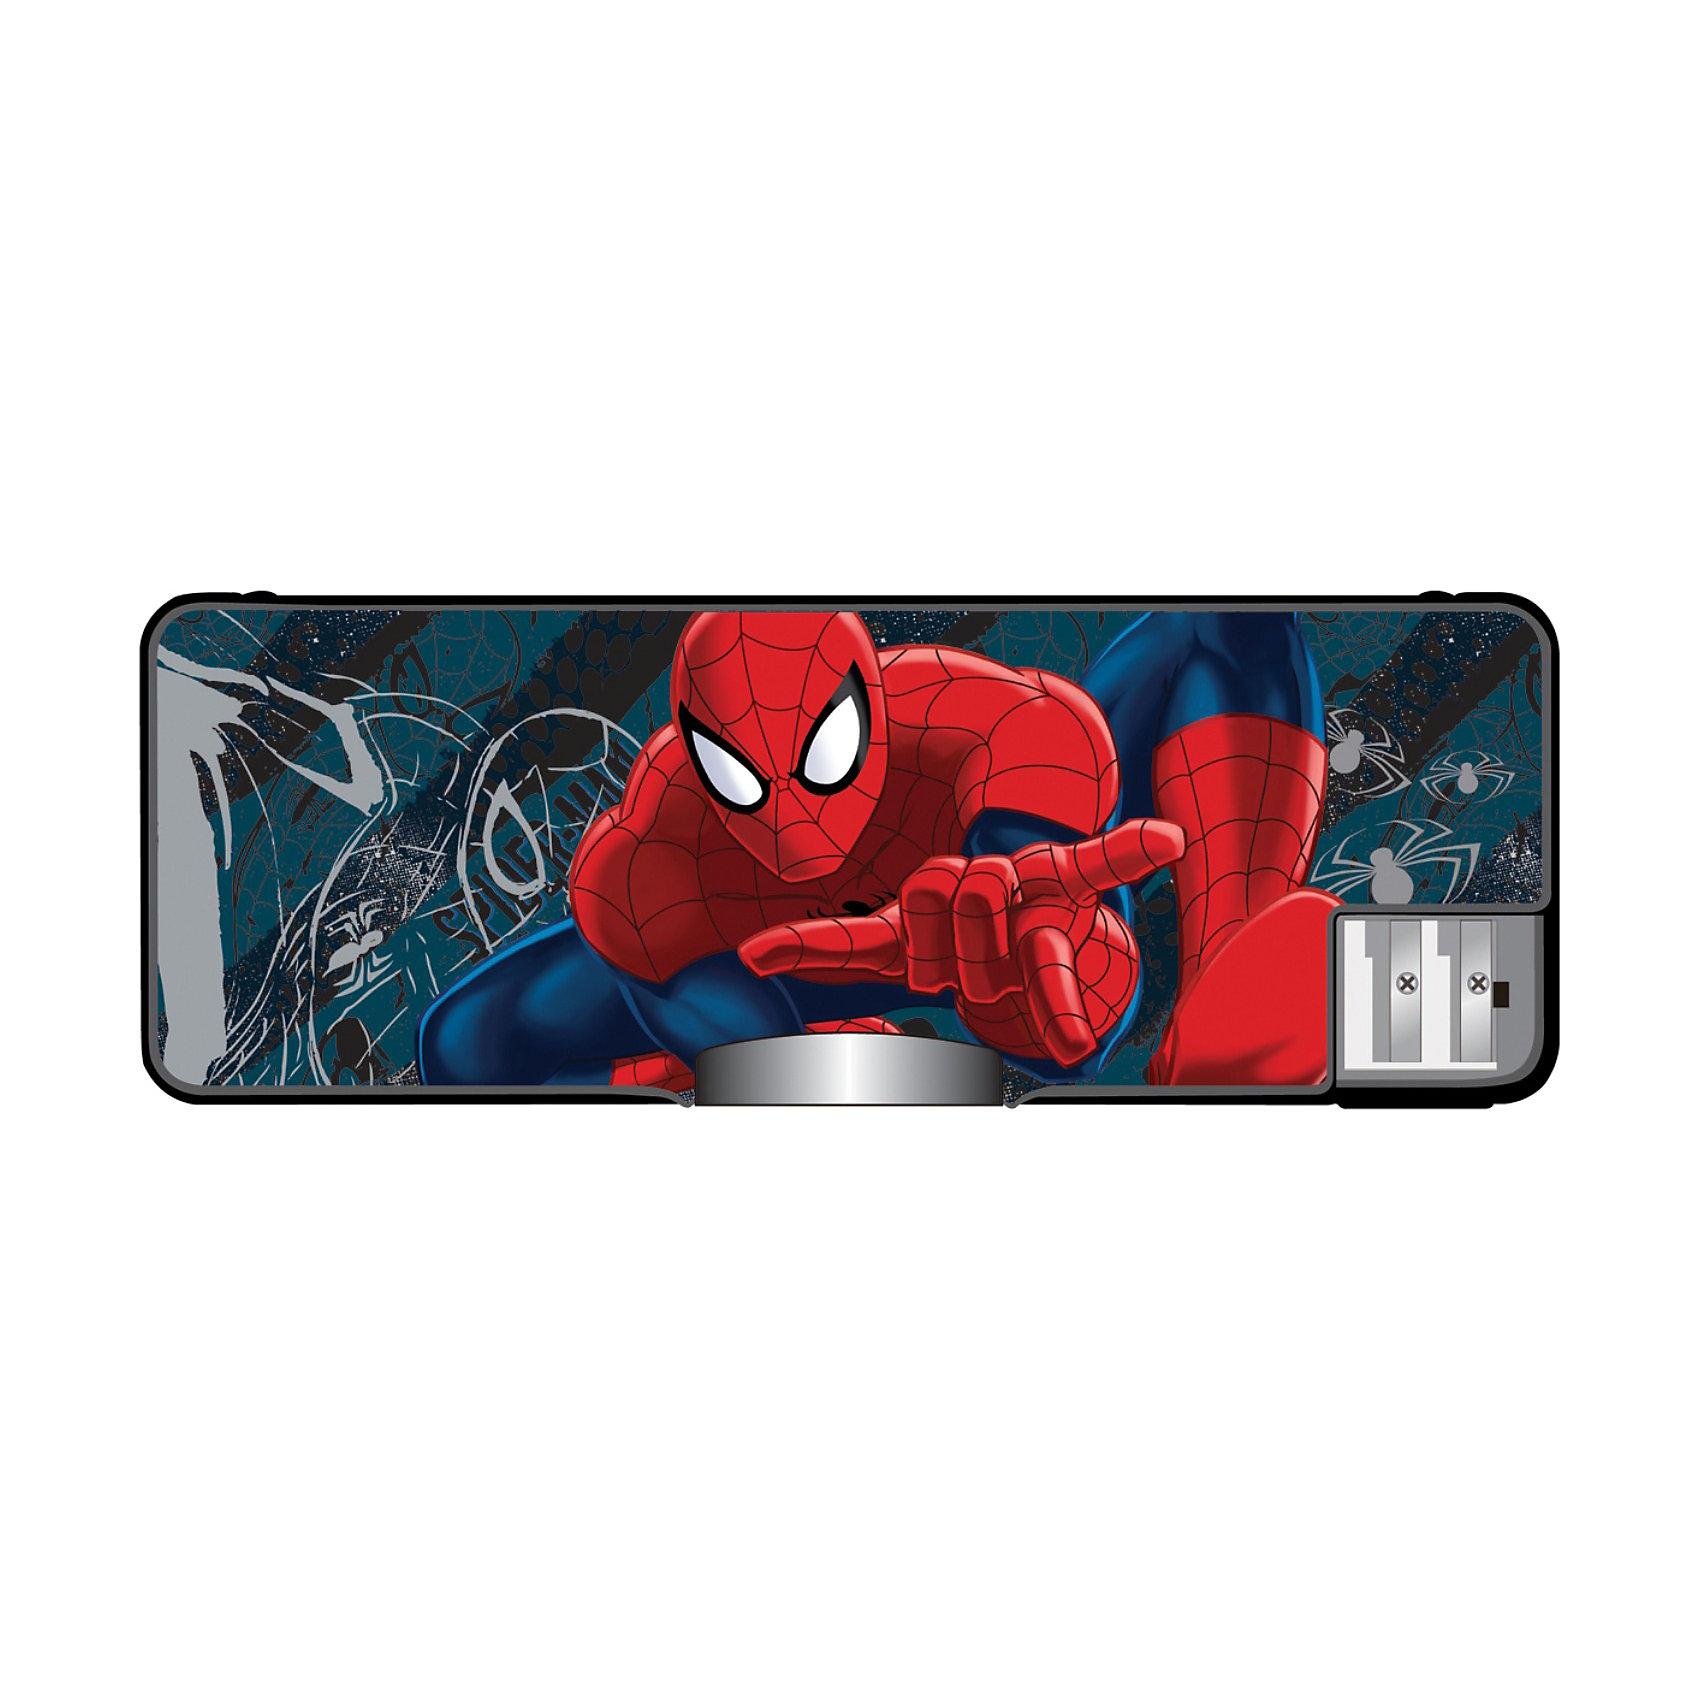 Пенал жесткий с точилками, Человек-ПаукЧеловек-Паук<br>Необычный пенал с изображением Человека-паука (Spider Man) обязательно понравится юному  школьнику. Пенал пластиковый с удобными точилками для карандашей.<br><br>Дополнительная информация:<br><br>- размер: 8 х 23 х 2,5 см<br>- механизм закрытия - механический<br><br>Пенал жесткий с точилками Spider Man можно купить в нашем магазине.<br><br>Ширина мм: 80<br>Глубина мм: 230<br>Высота мм: 25<br>Вес г: 400<br>Возраст от месяцев: 48<br>Возраст до месяцев: 84<br>Пол: Мужской<br>Возраст: Детский<br>SKU: 3562993